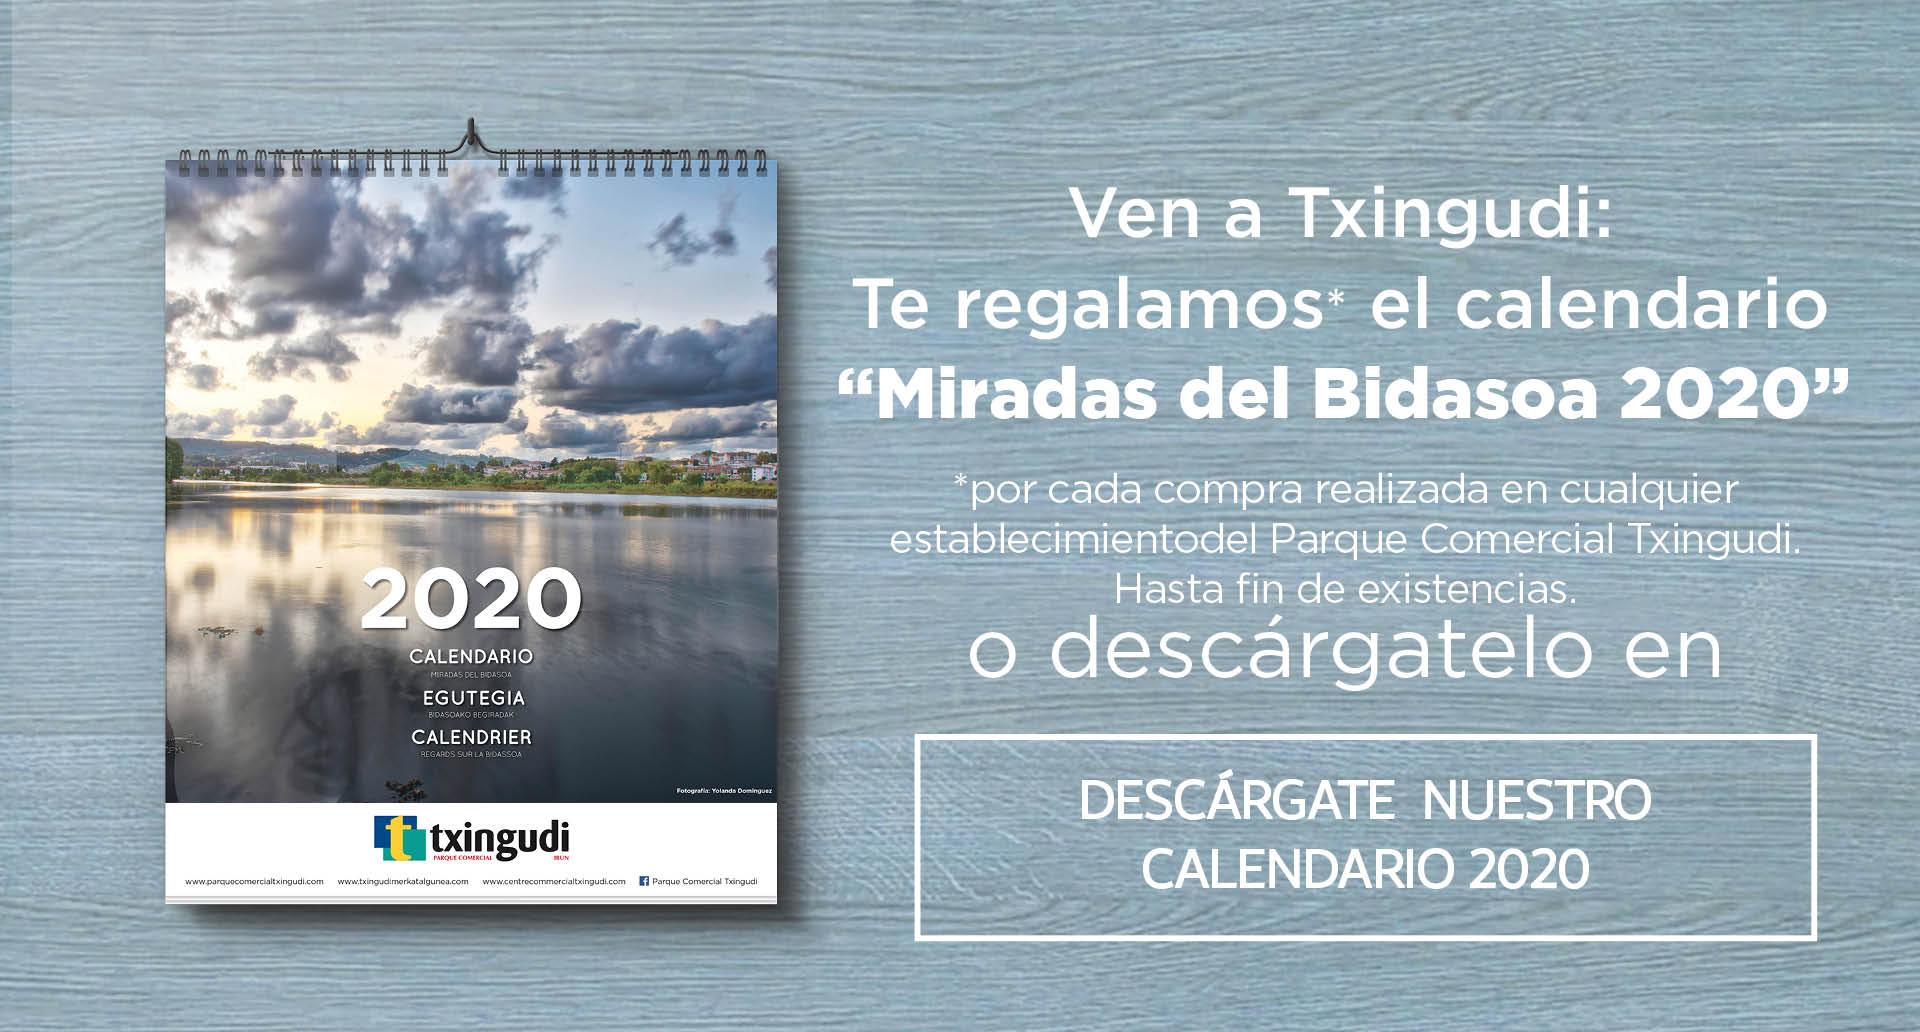 Descarga el calendario Miradas del Bidasoa 2020